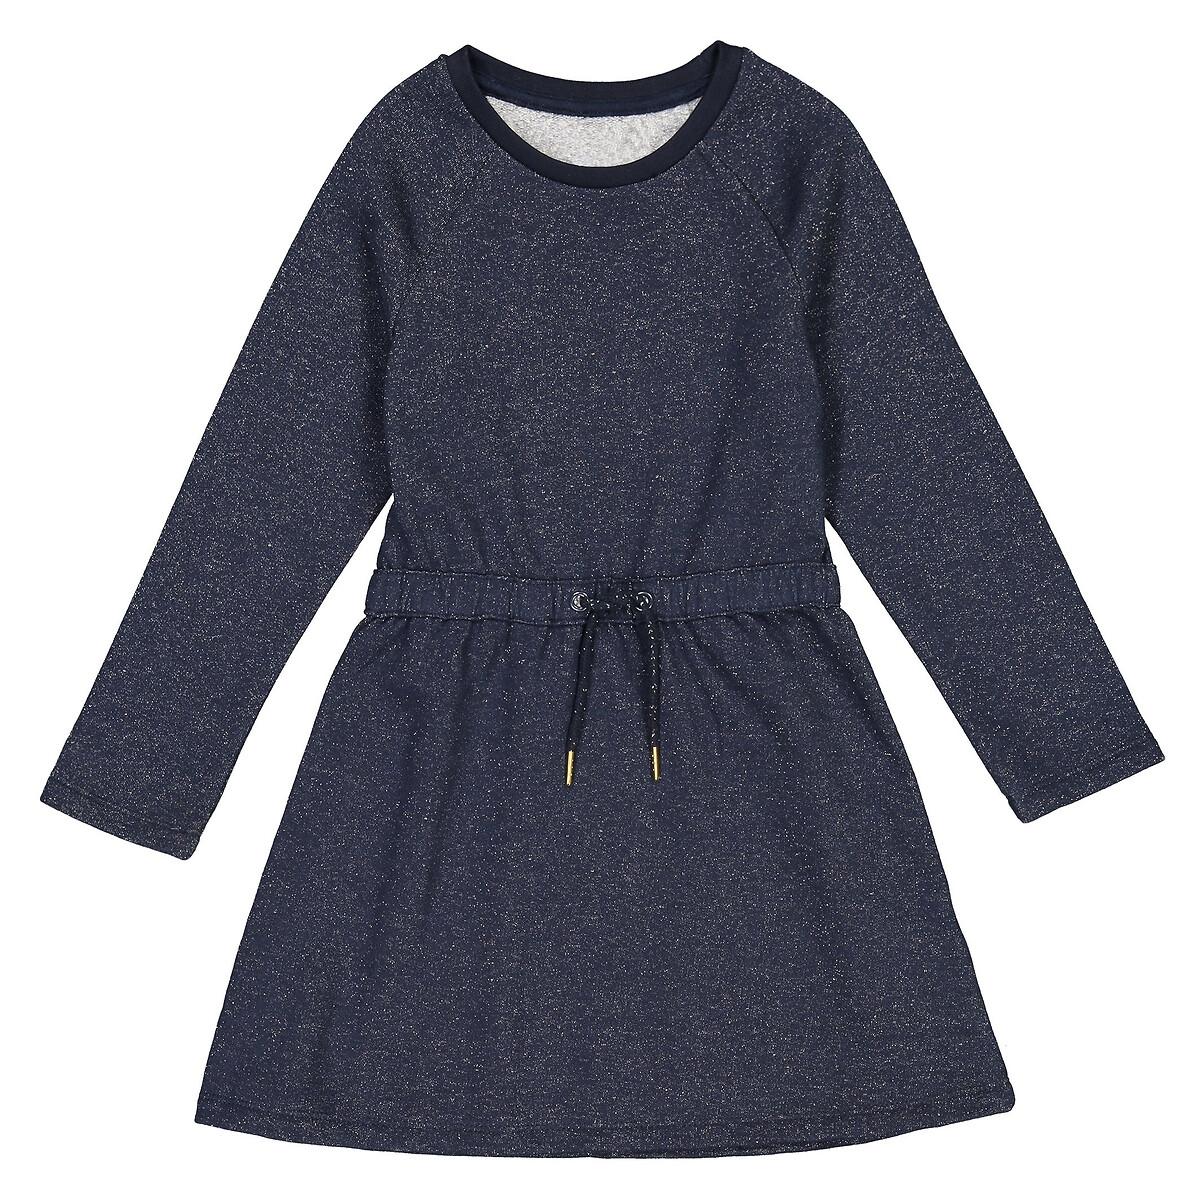 Vestido de mangas compridas em moletão, 3-12 anos